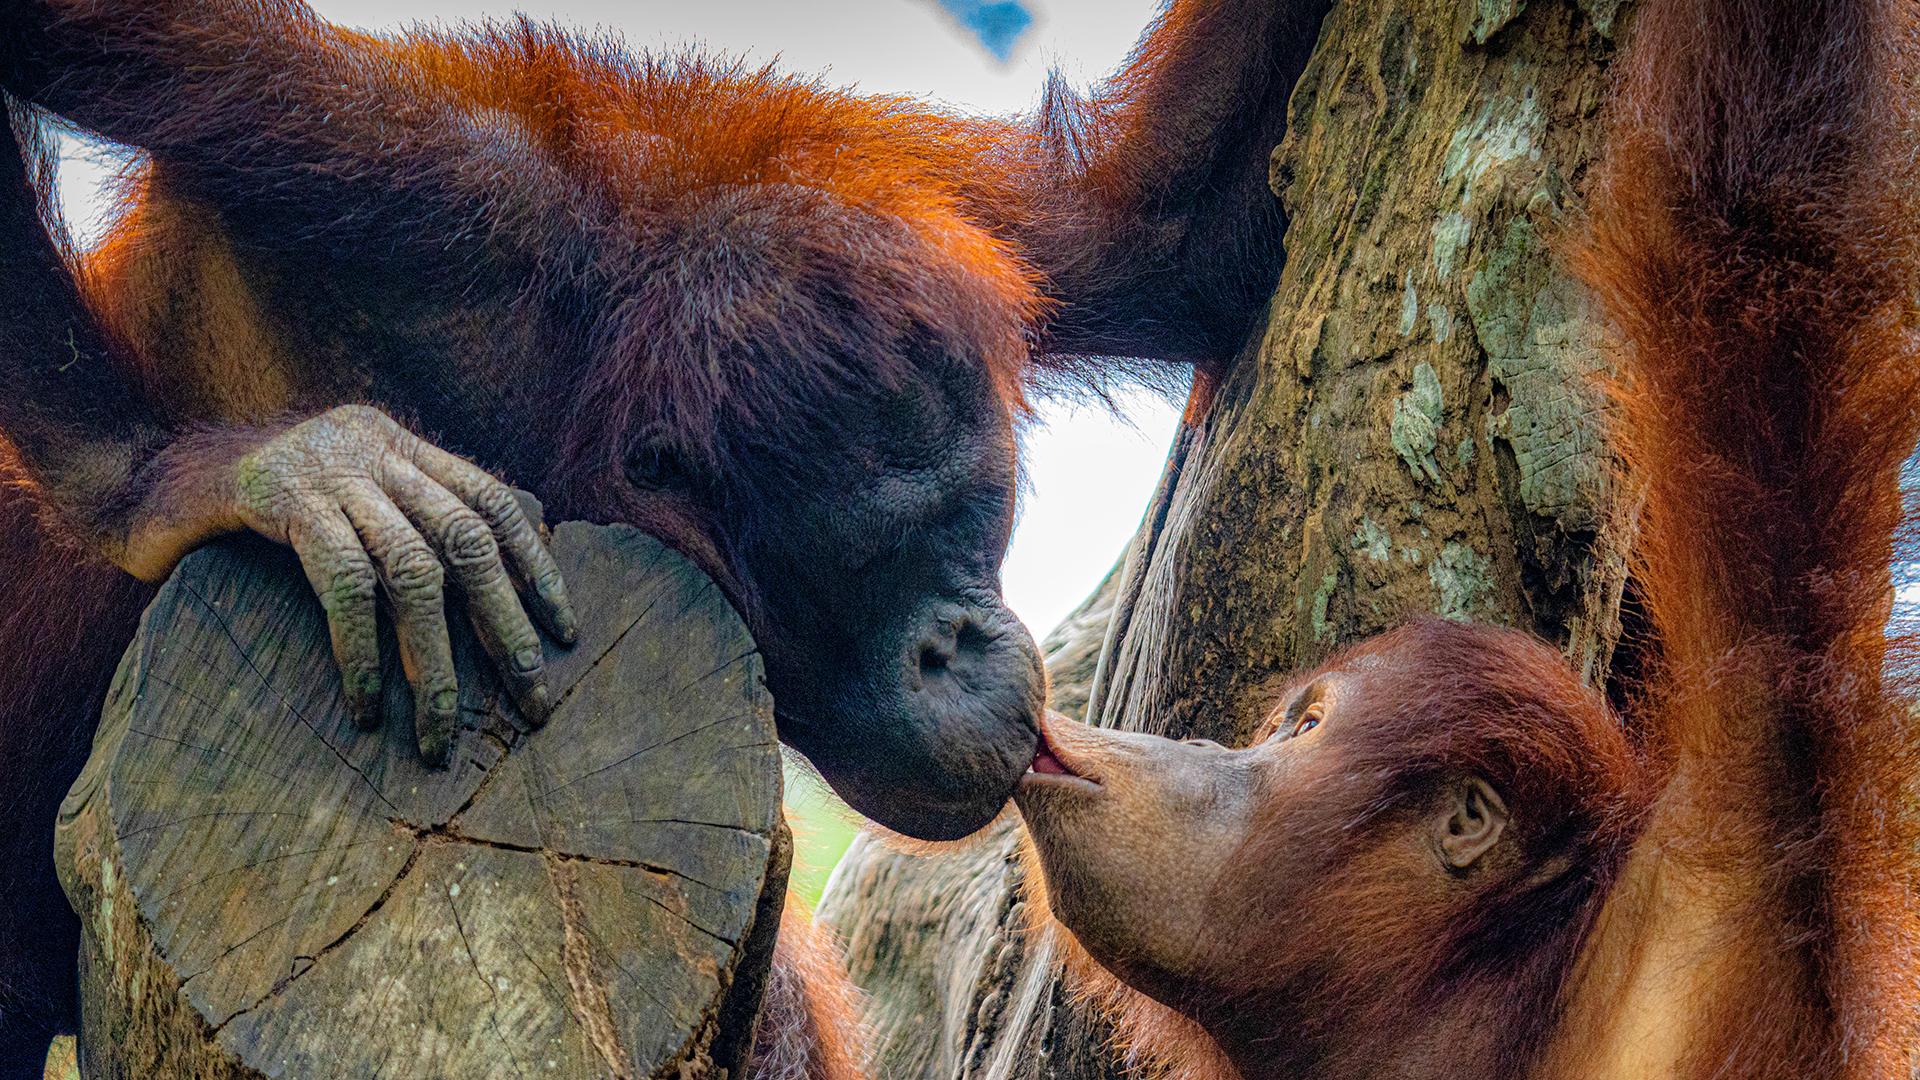 Szupercuki Valentin napi videóval jelentkezett az Állatkert